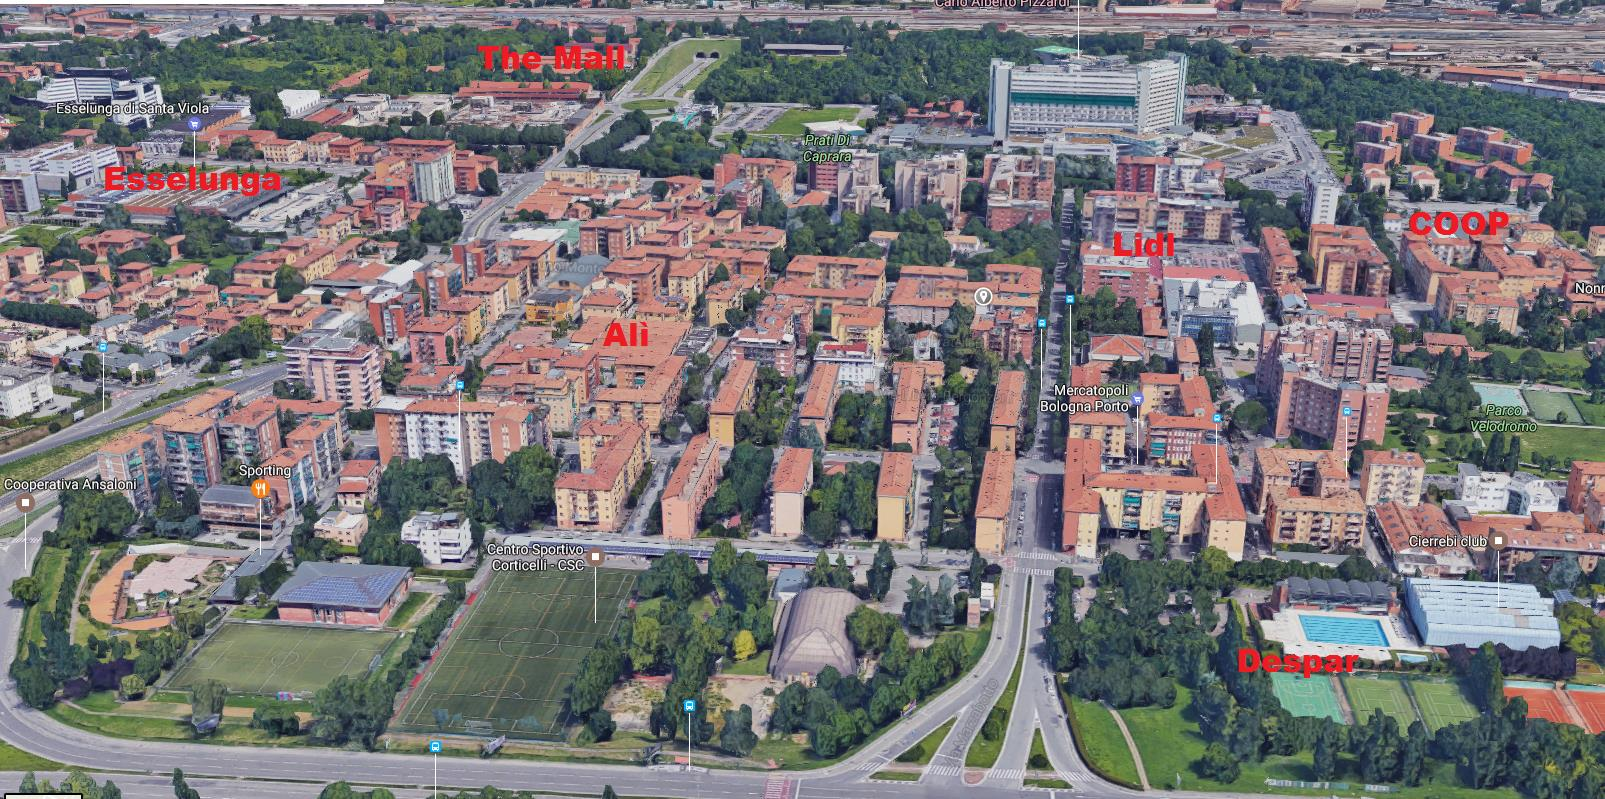 31 Maggio: Presidio del Cierrebi contro una chiusura irresponsabile